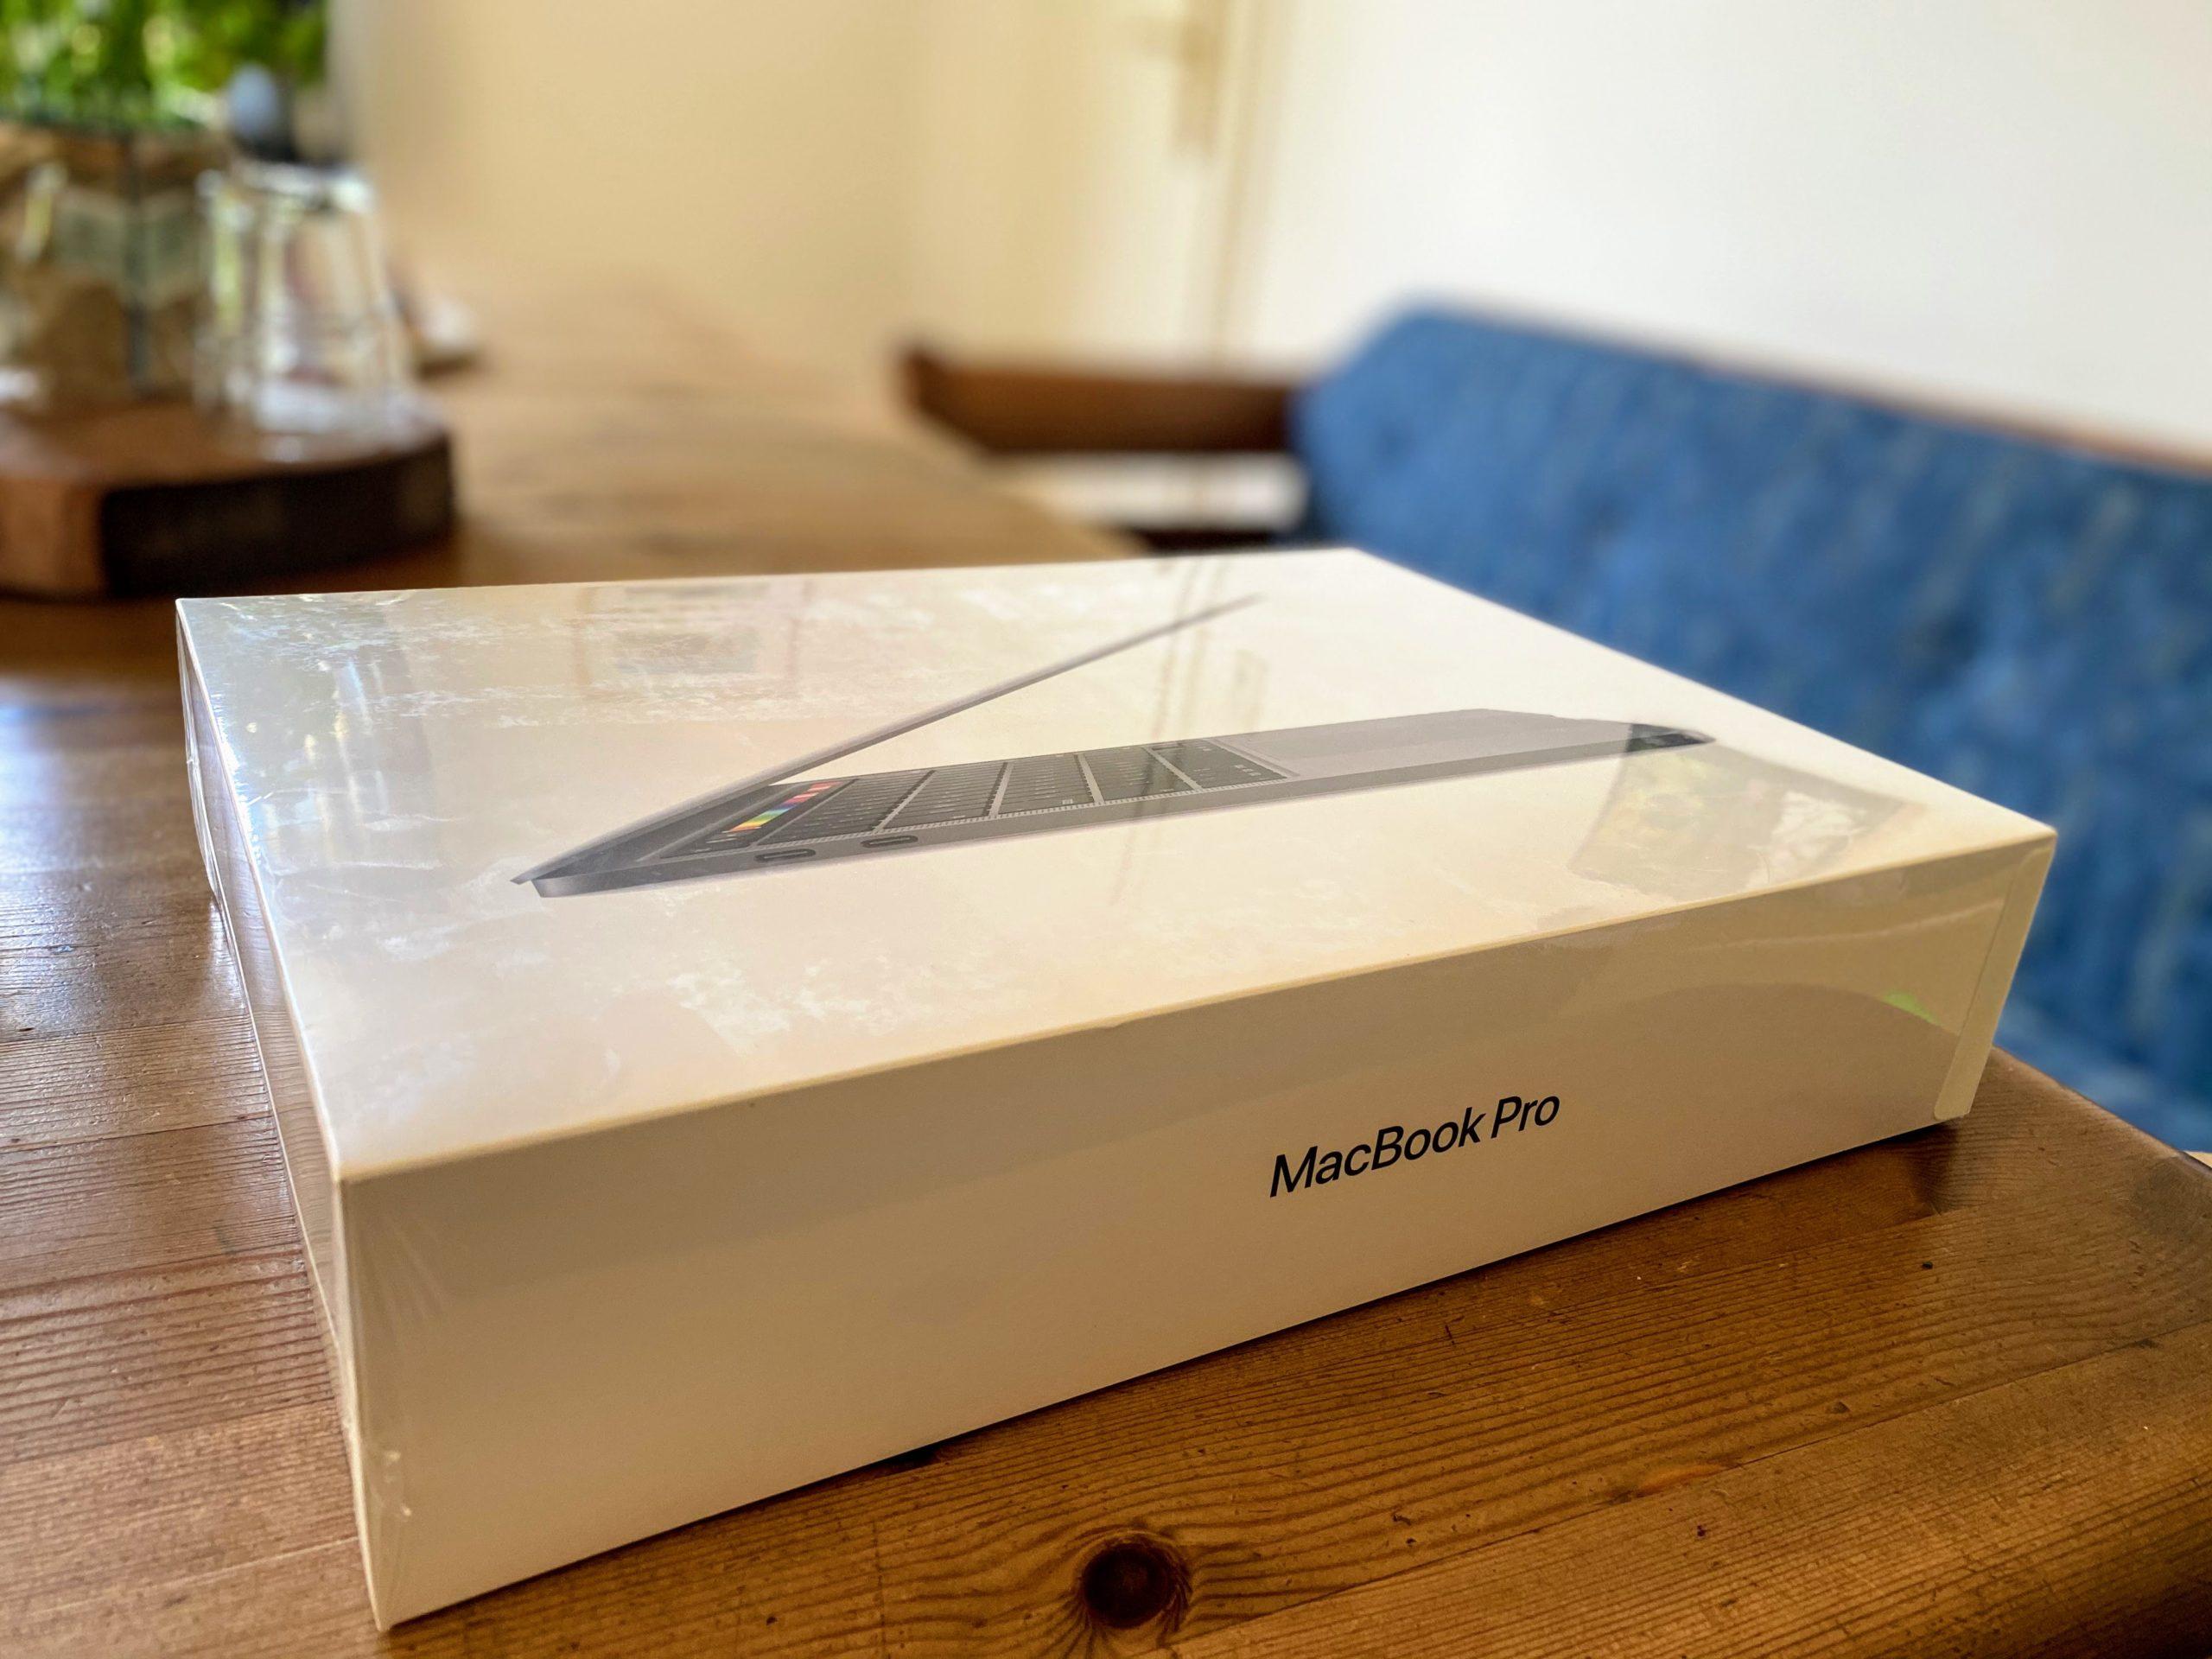 13 Zoll MacBook pro Verpackung